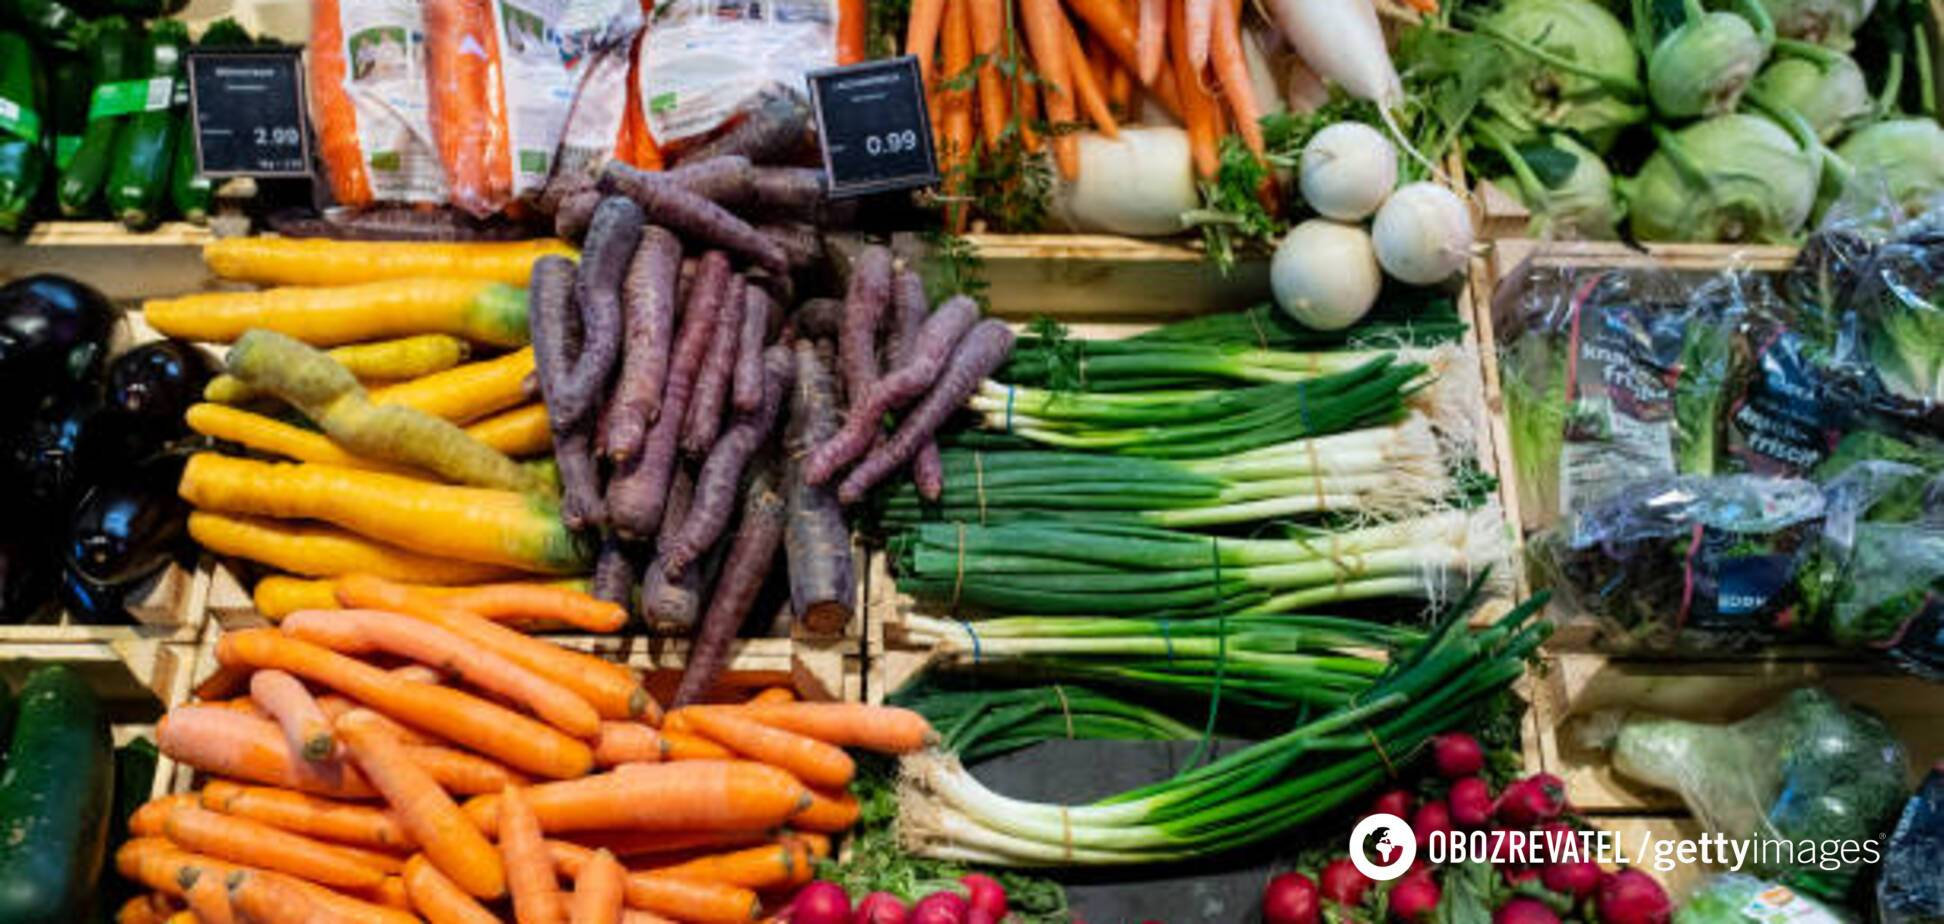 Как правильно готовить овощи, чтобы сохранить витамины: названы главные секреты